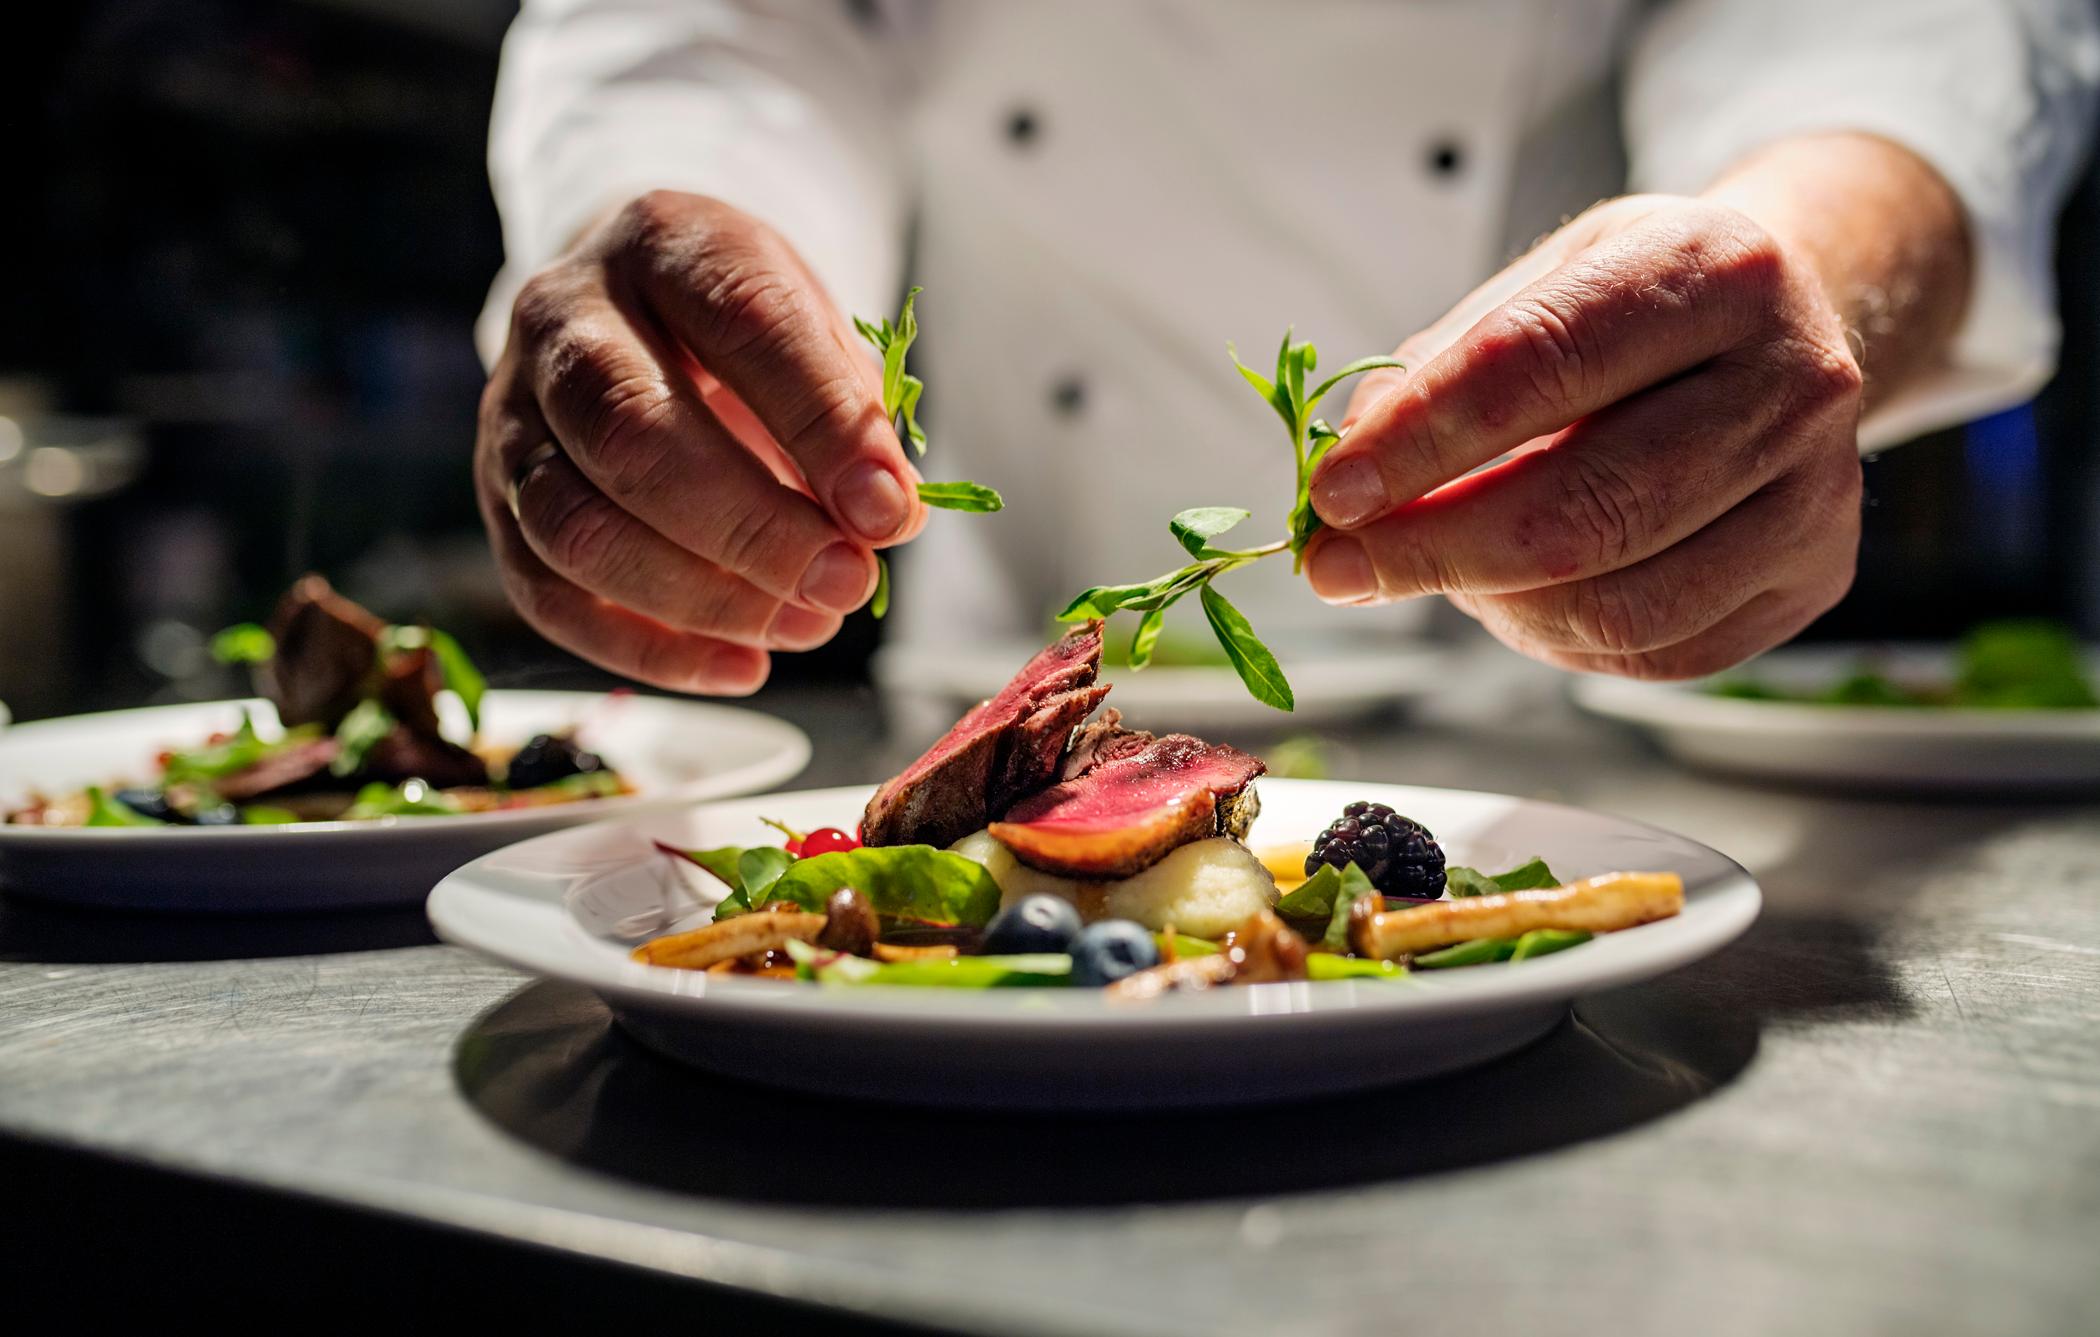 erlebnisrestaurant-karlsruhe-bg3